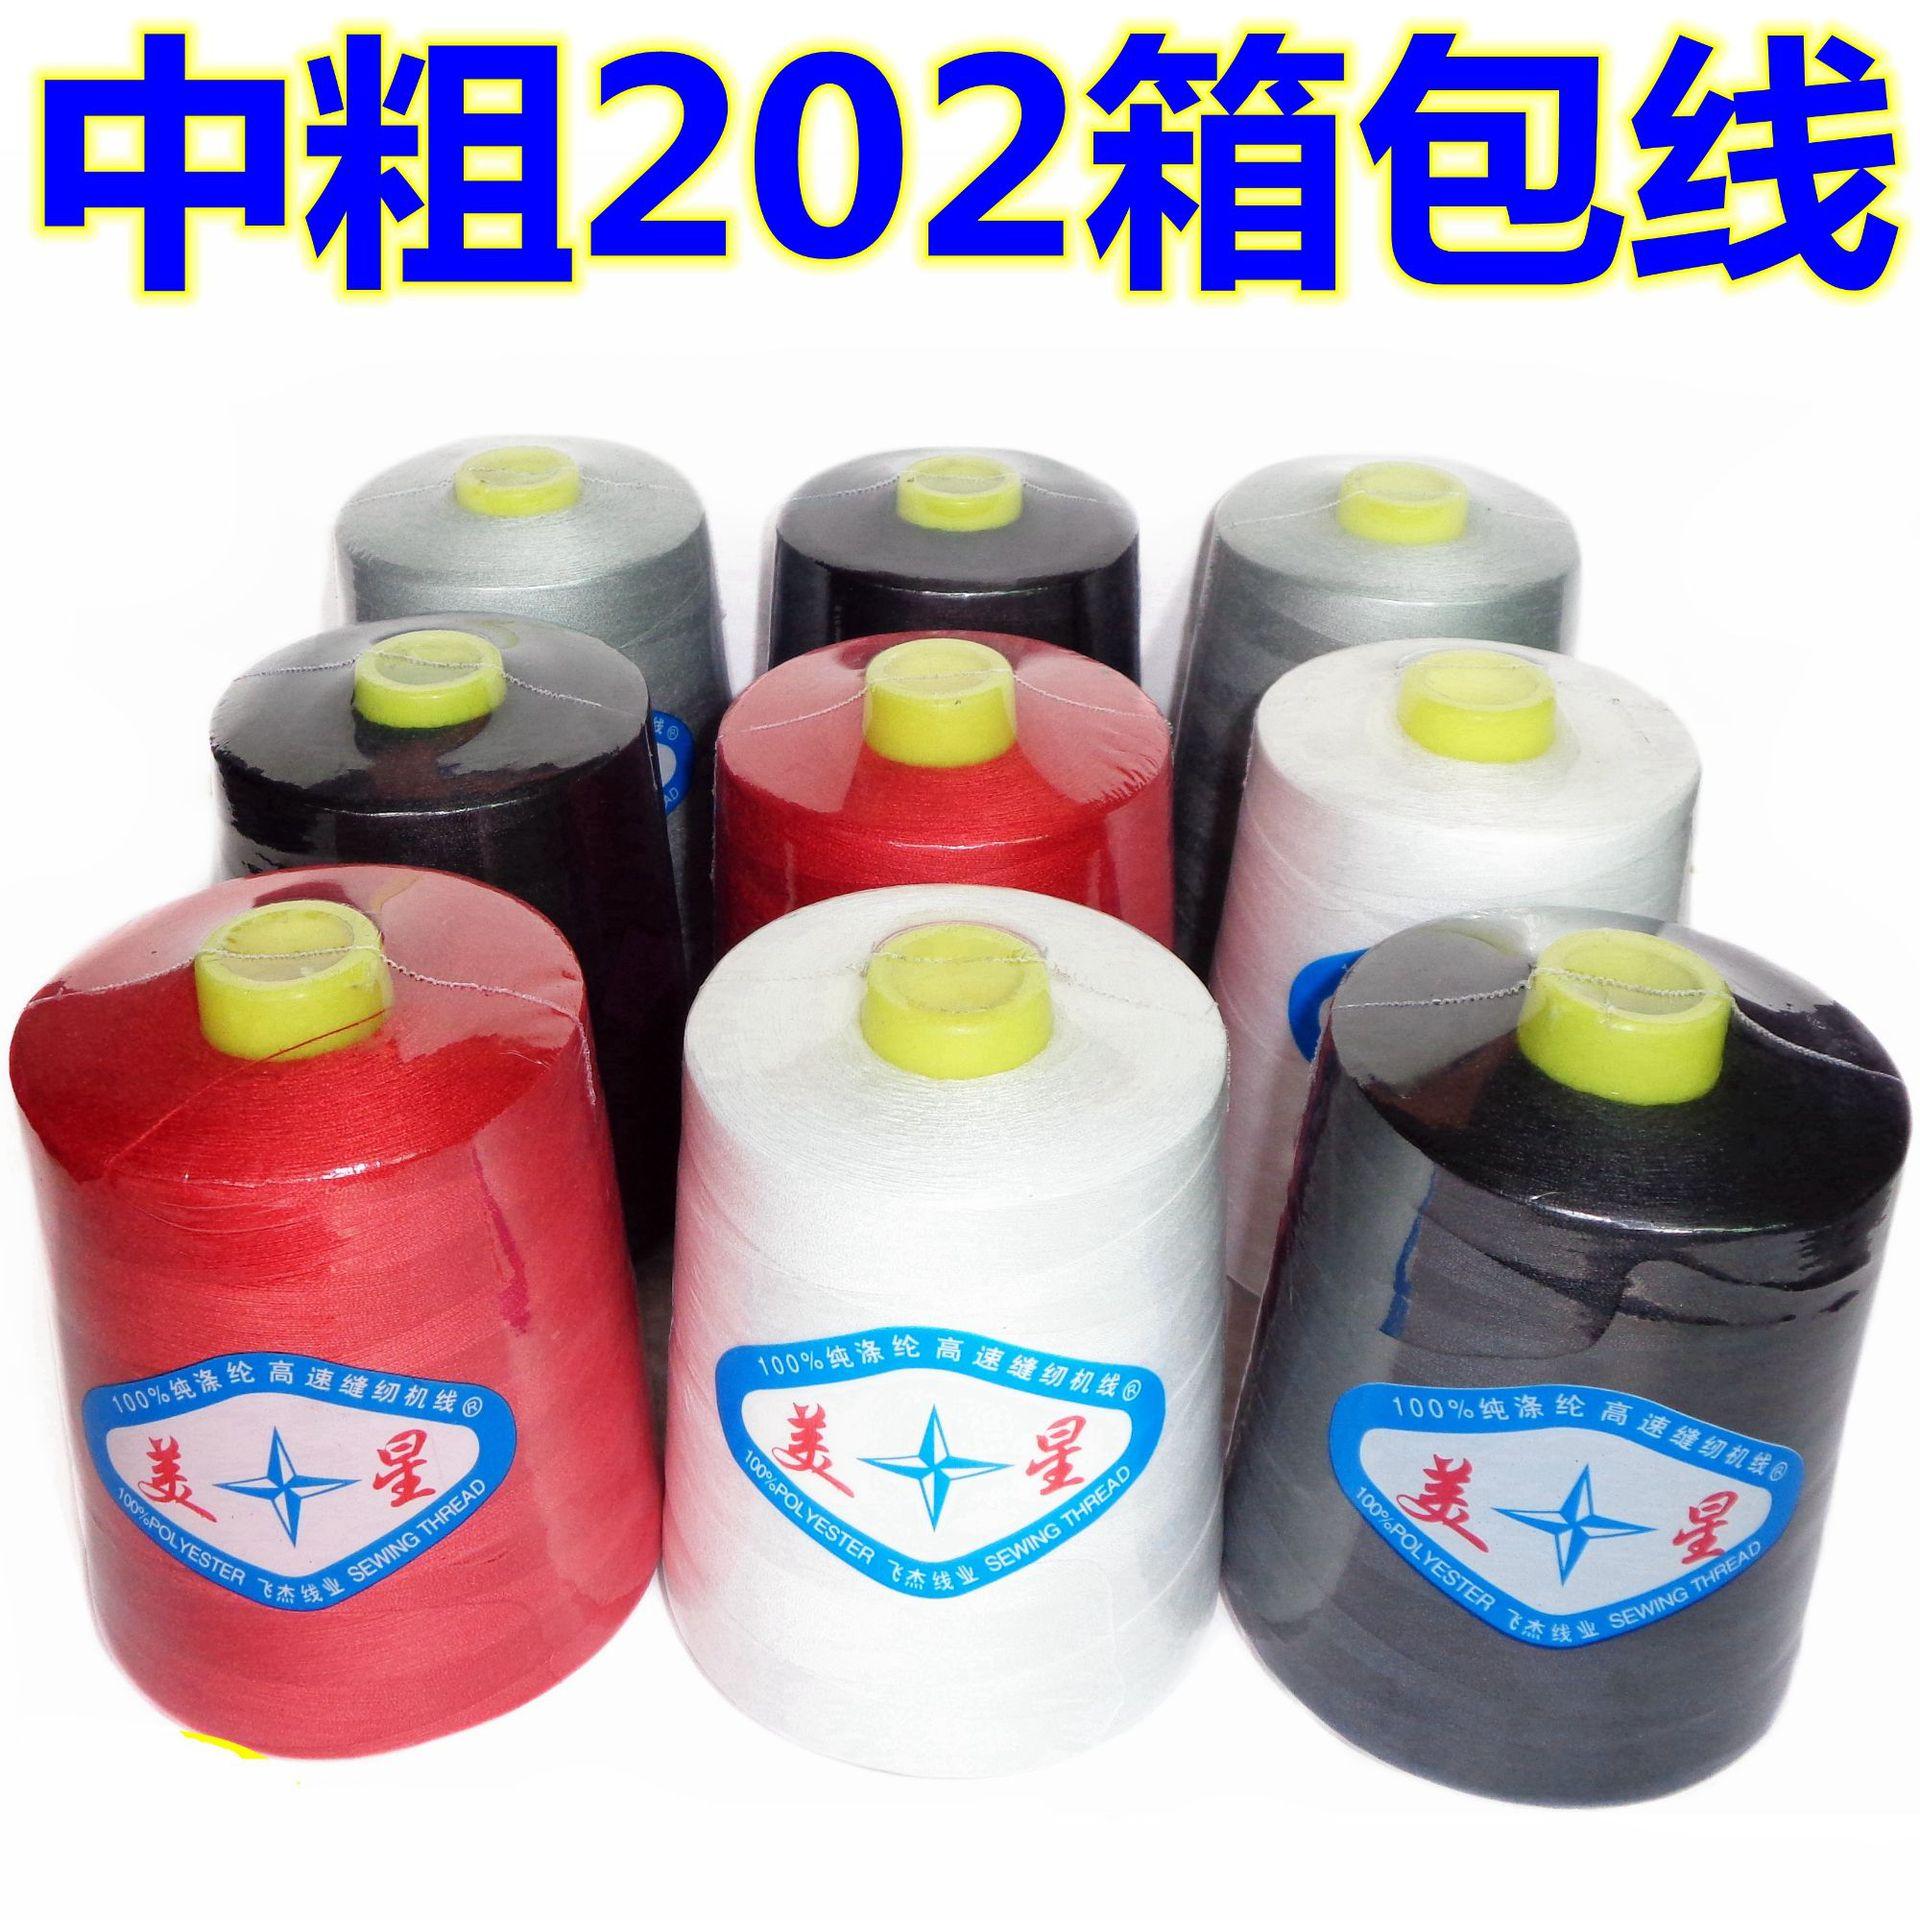 MEIXING Chỉ may Tất cả các loại dây chuyền hành lý 202 trong dày 203 đậm 204 thêm dày 220 gram chỉ m